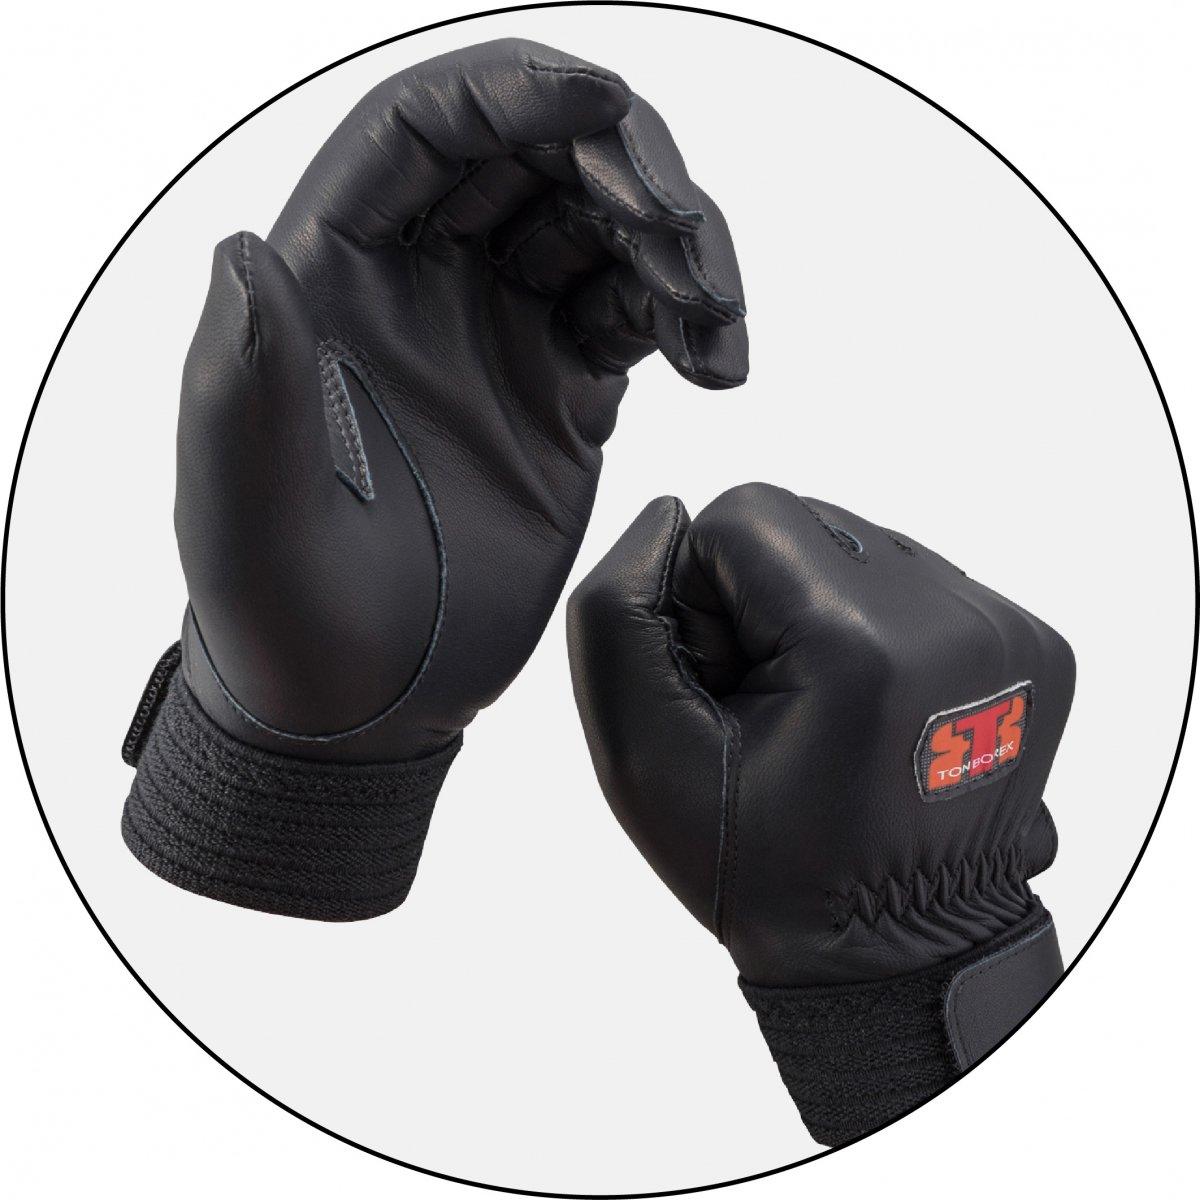 トンボレックス R-MAX1BK 羊革製手袋【画像2】